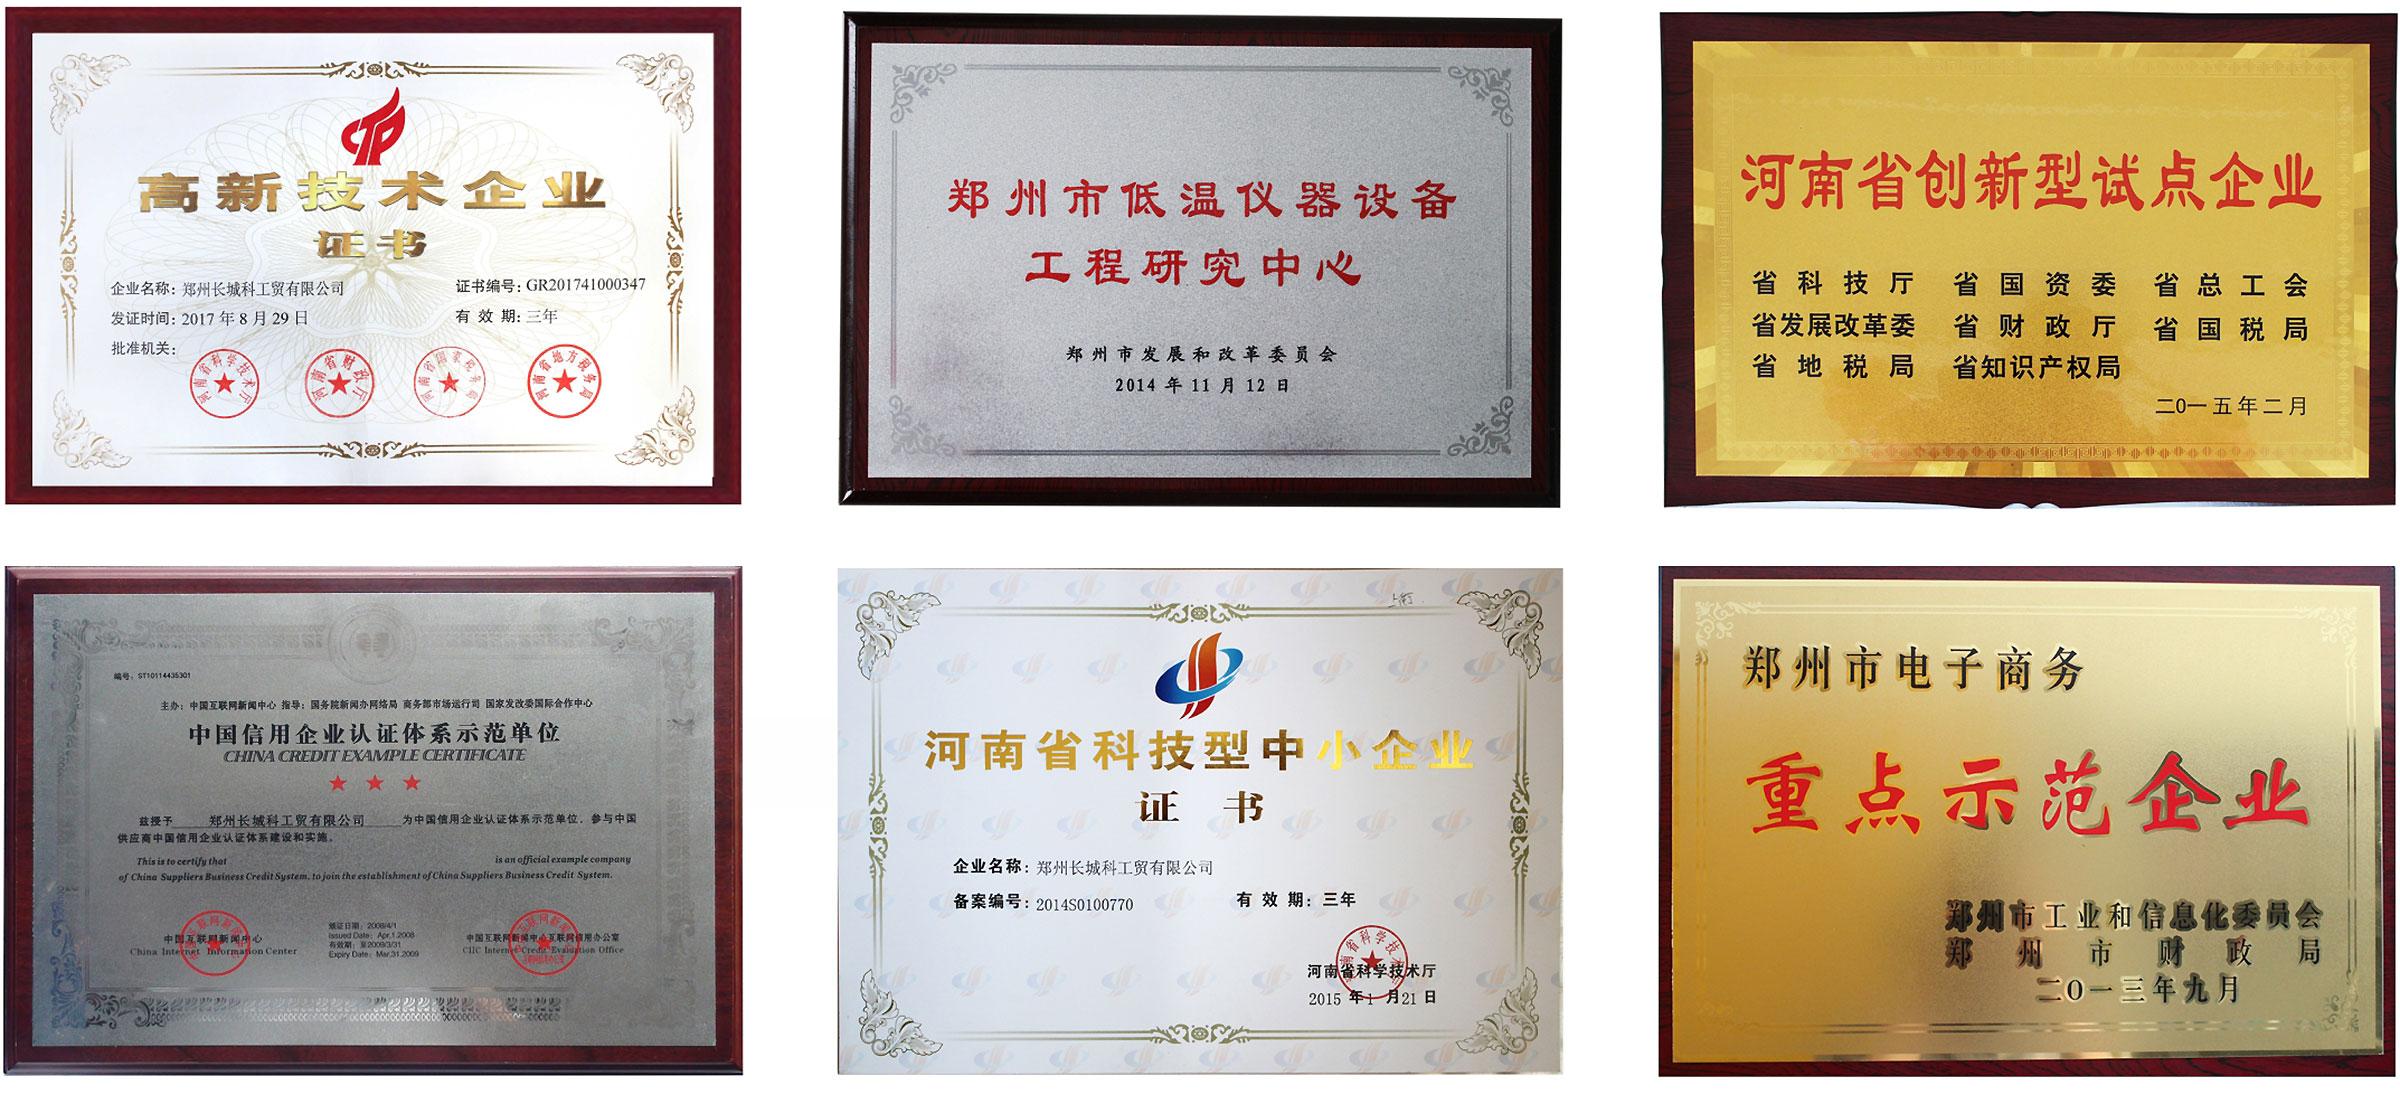 郑州龙8科工贸公司荣誉1